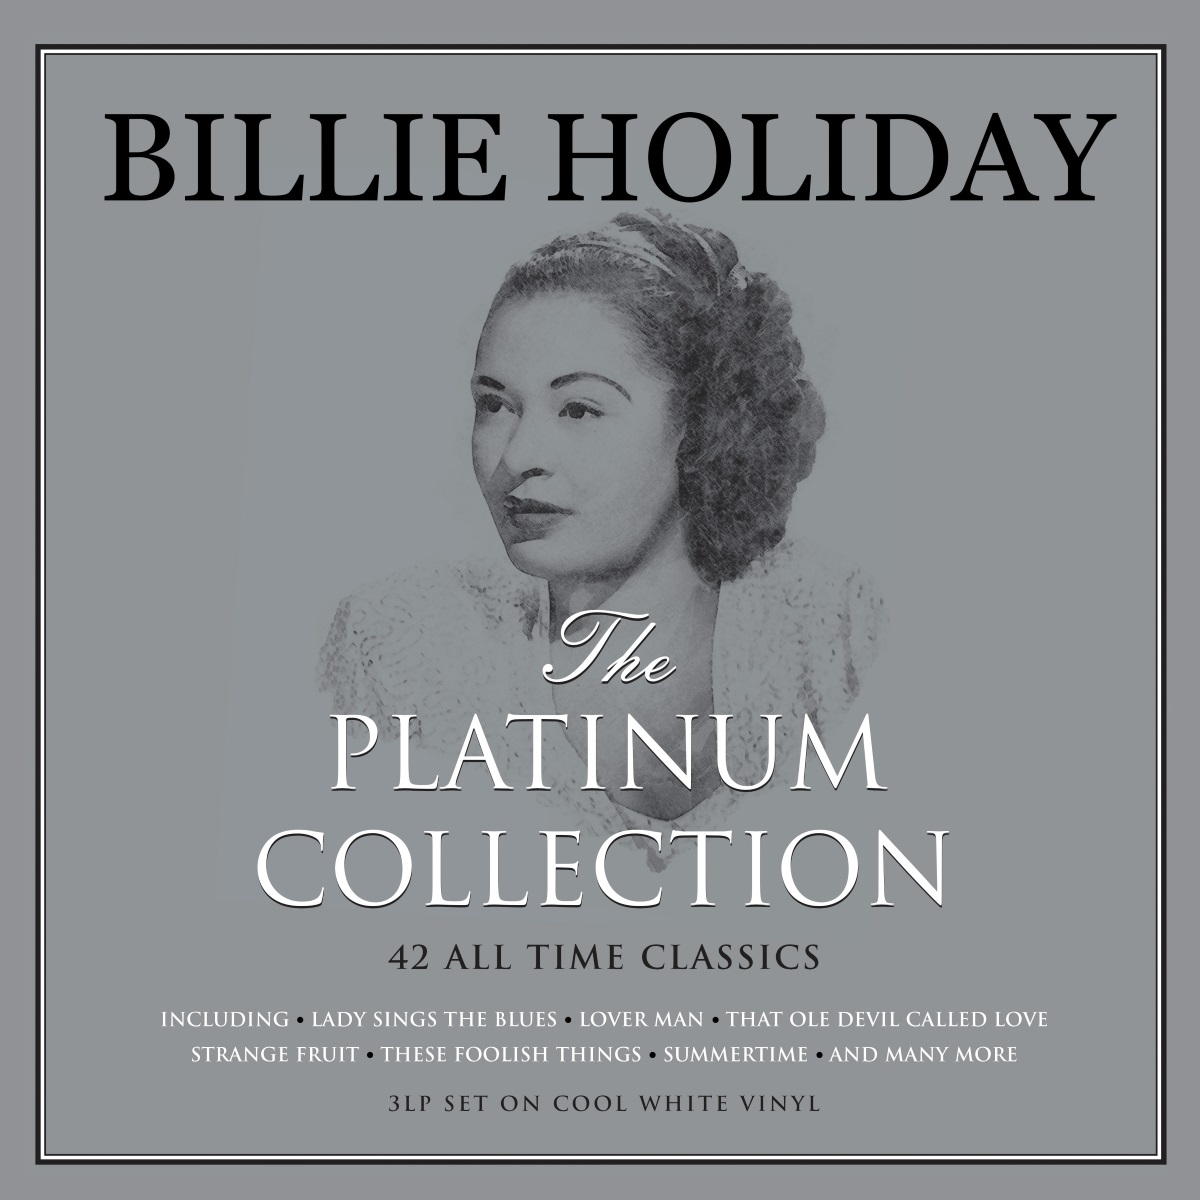 Billie Holiday – The Platinum Collection (3 LP)В альбоме Billie Holiday – The Platinum Collection собрано 42 трека, прослушав которые, вы познакомитесь с искусством и душой вокального артиста, который, как настаивал Фрэнк Синатра, трогал всех крупных американских певцов своего поколения своим гением.<br>